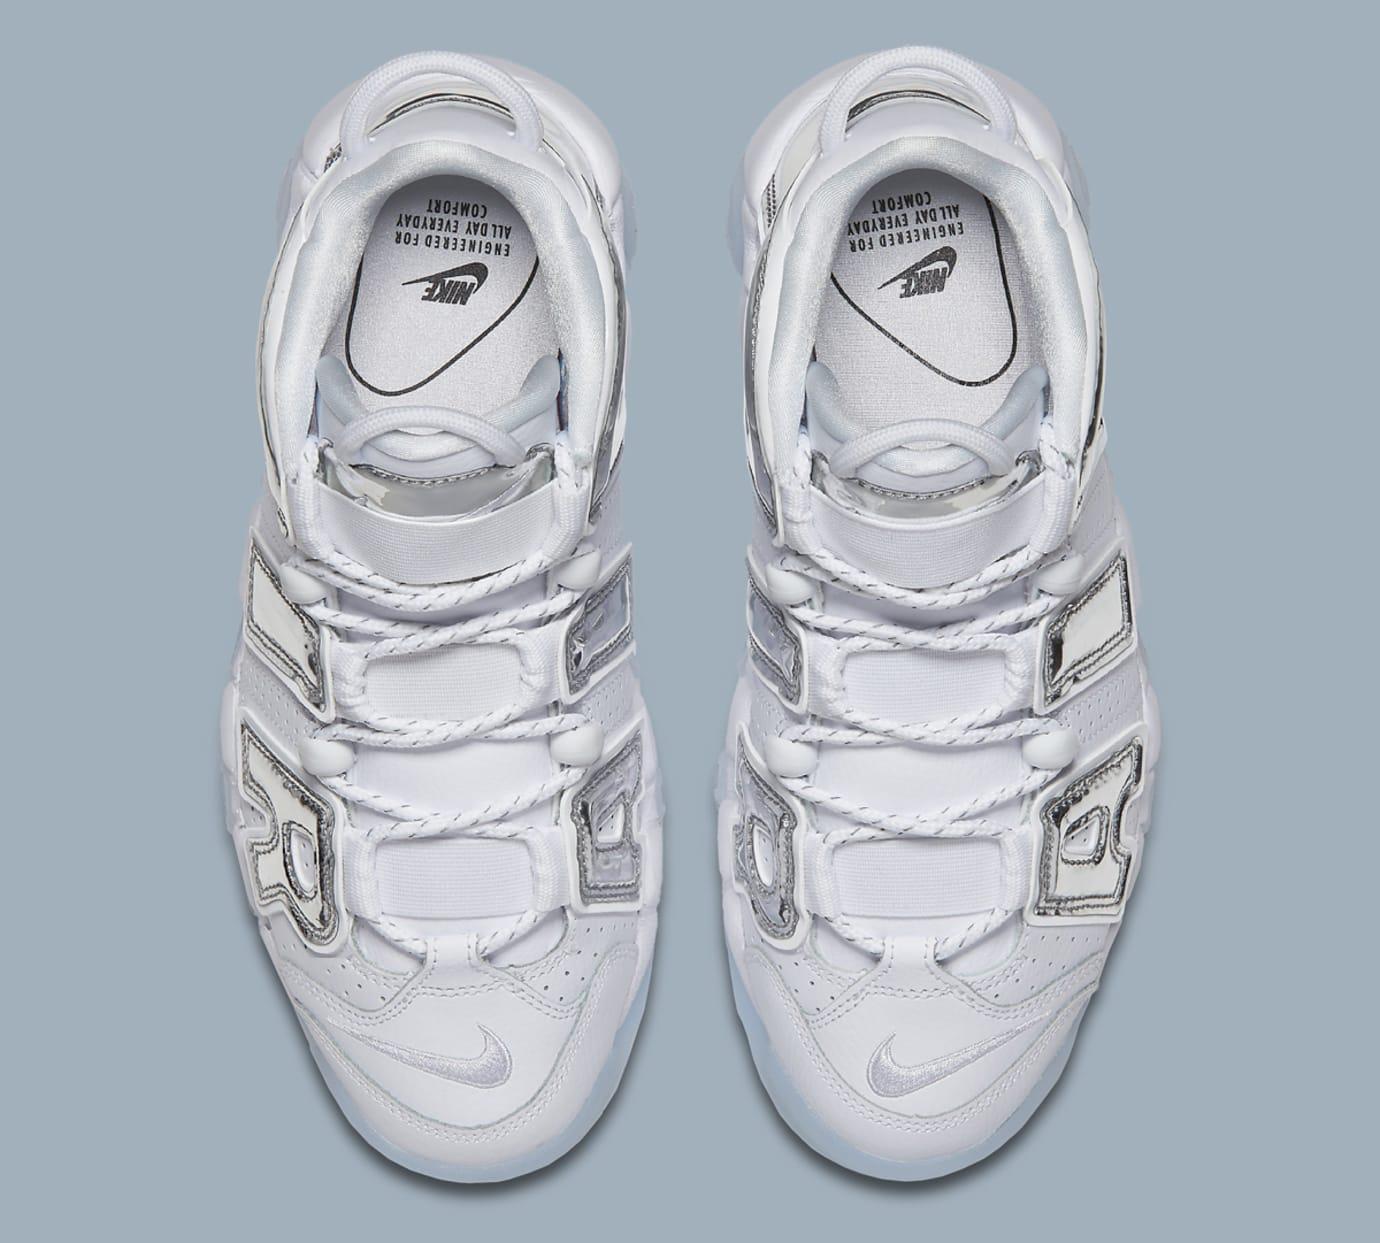 cheap for discount 2cad8 6ef5b Image via Nike Nike Air More Uptempo Chrome 917593-100 Top